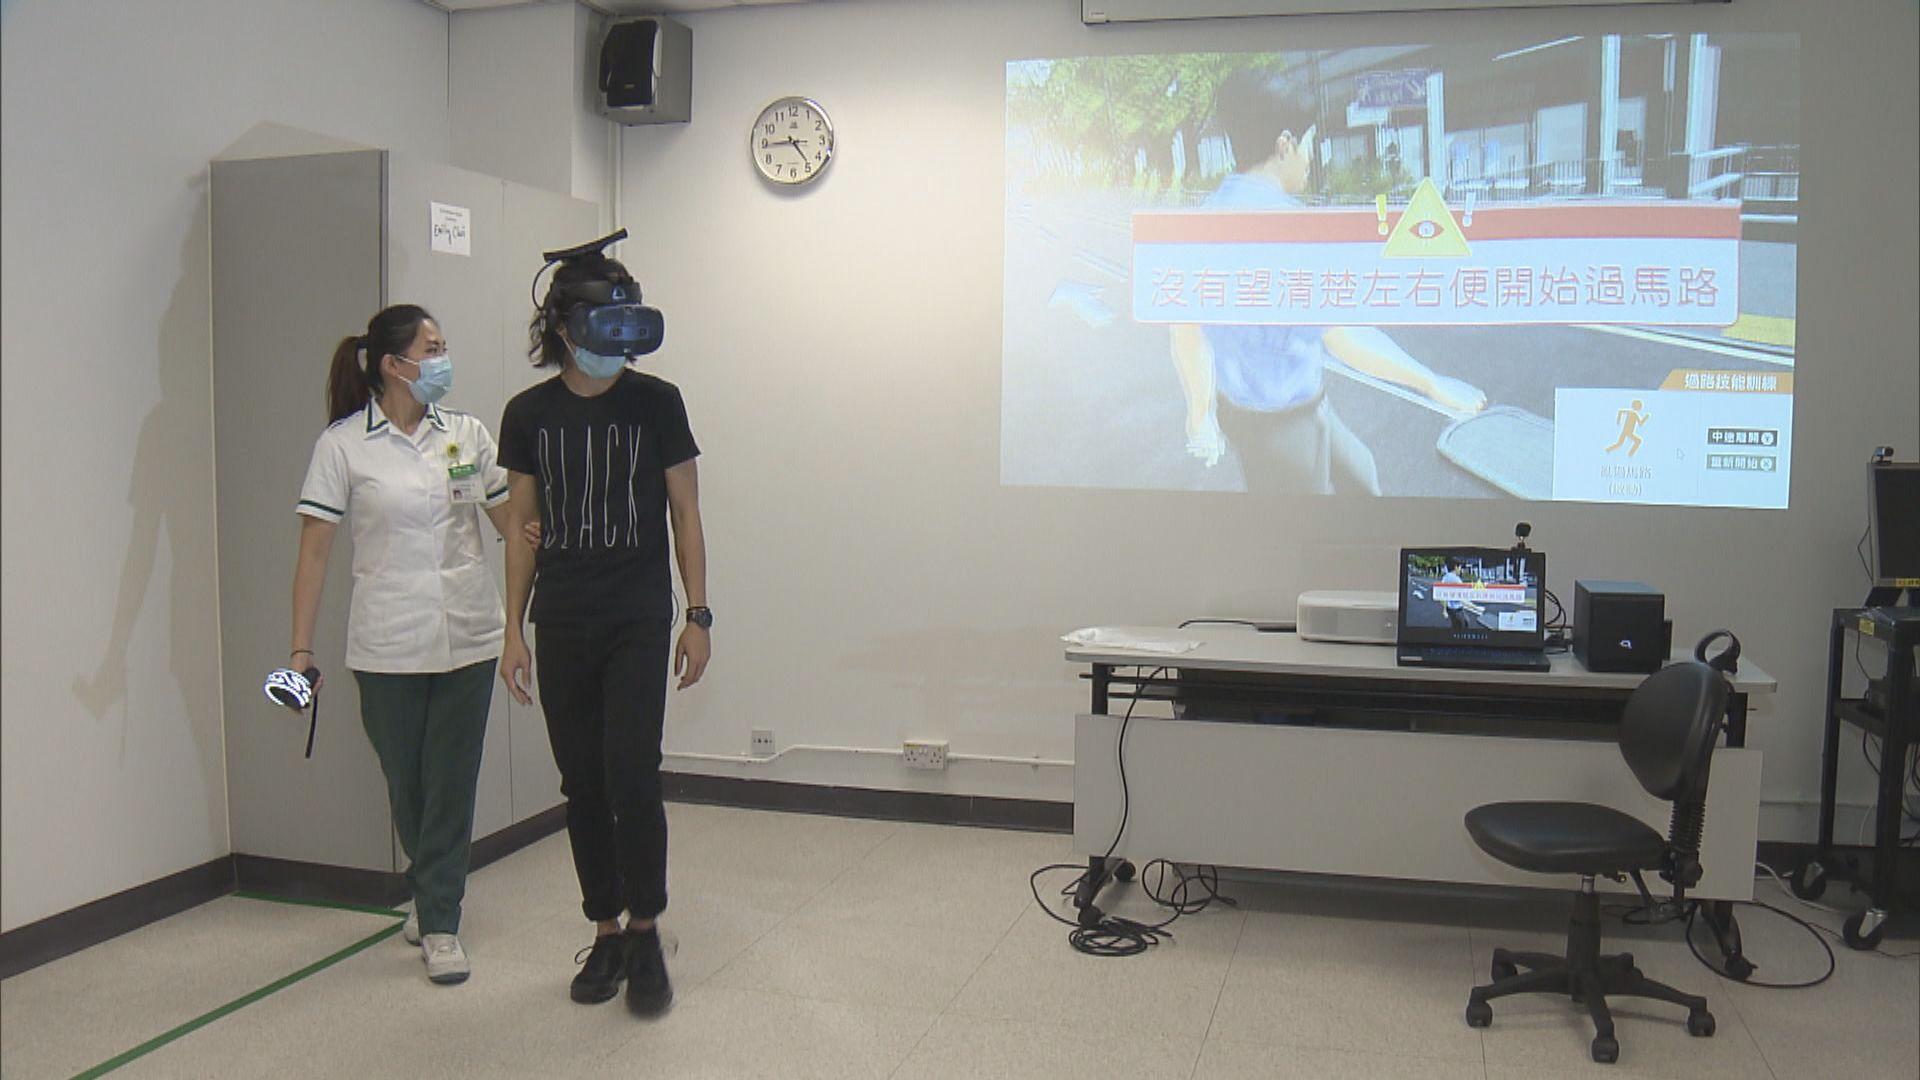 醫管局引入虛擬實境及應用程式加強認知障礙訓練